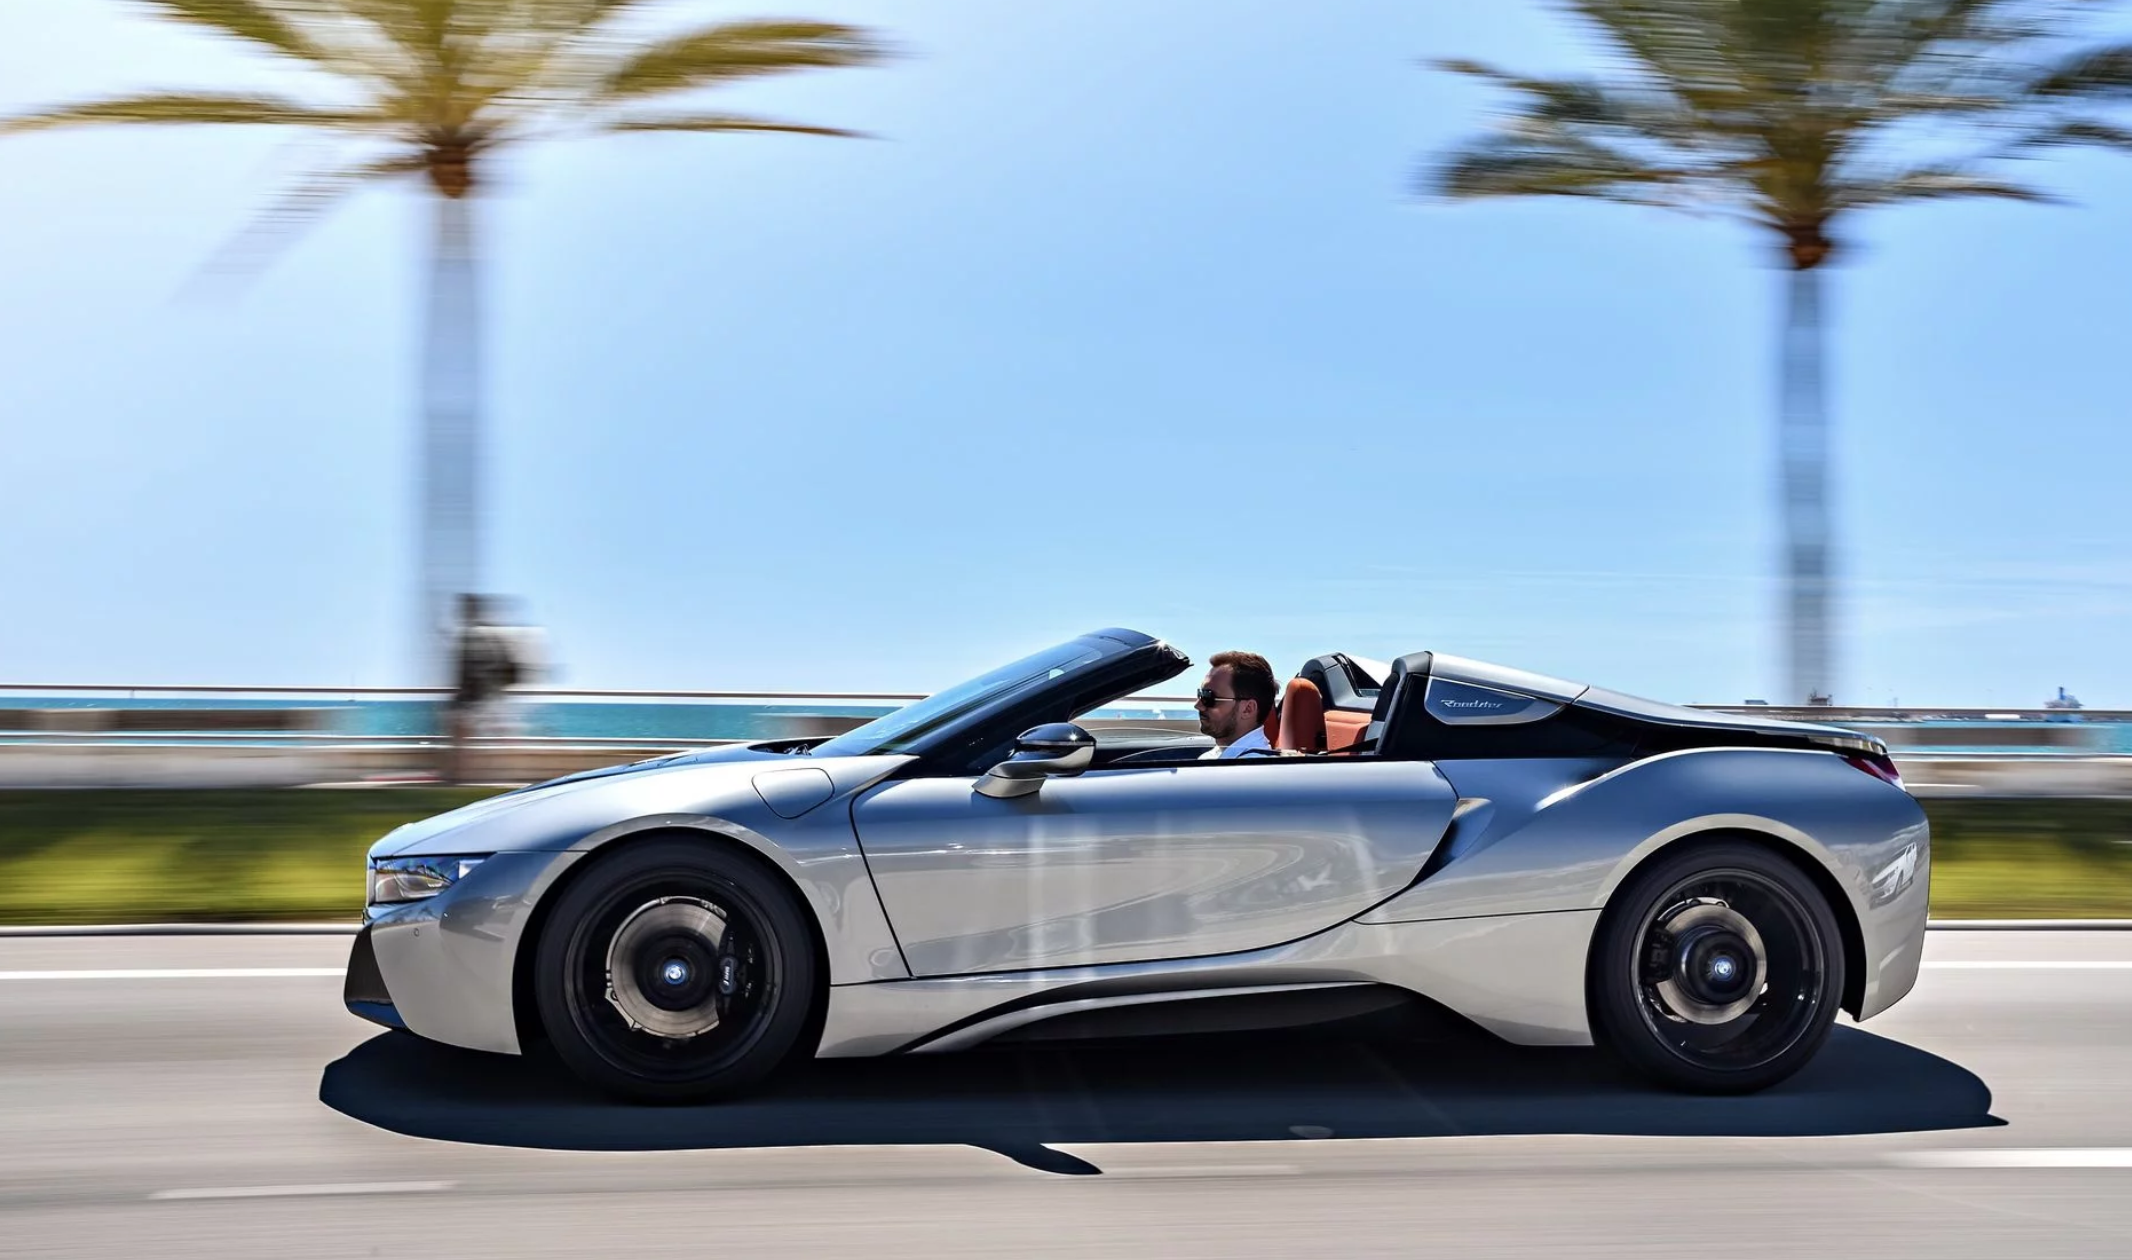 Thị trường xe - Ngất ngây với siêu xe mui trần BMW i8 Roadster 'bằng xương bằng thịt' (Hình 2).